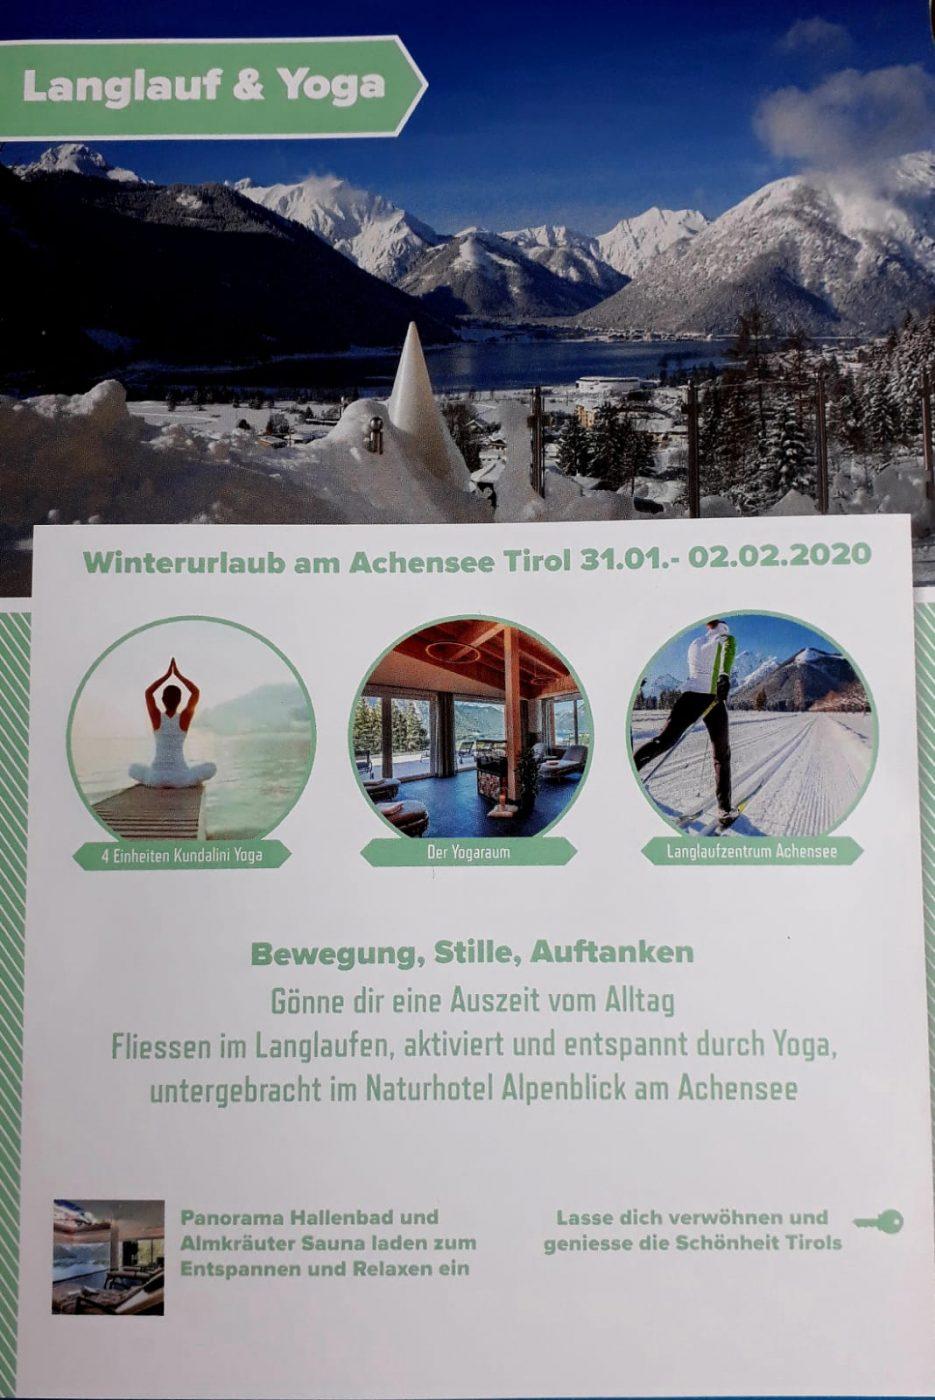 Winterurlaub am Achensee vom 31-1. – 2.2.20